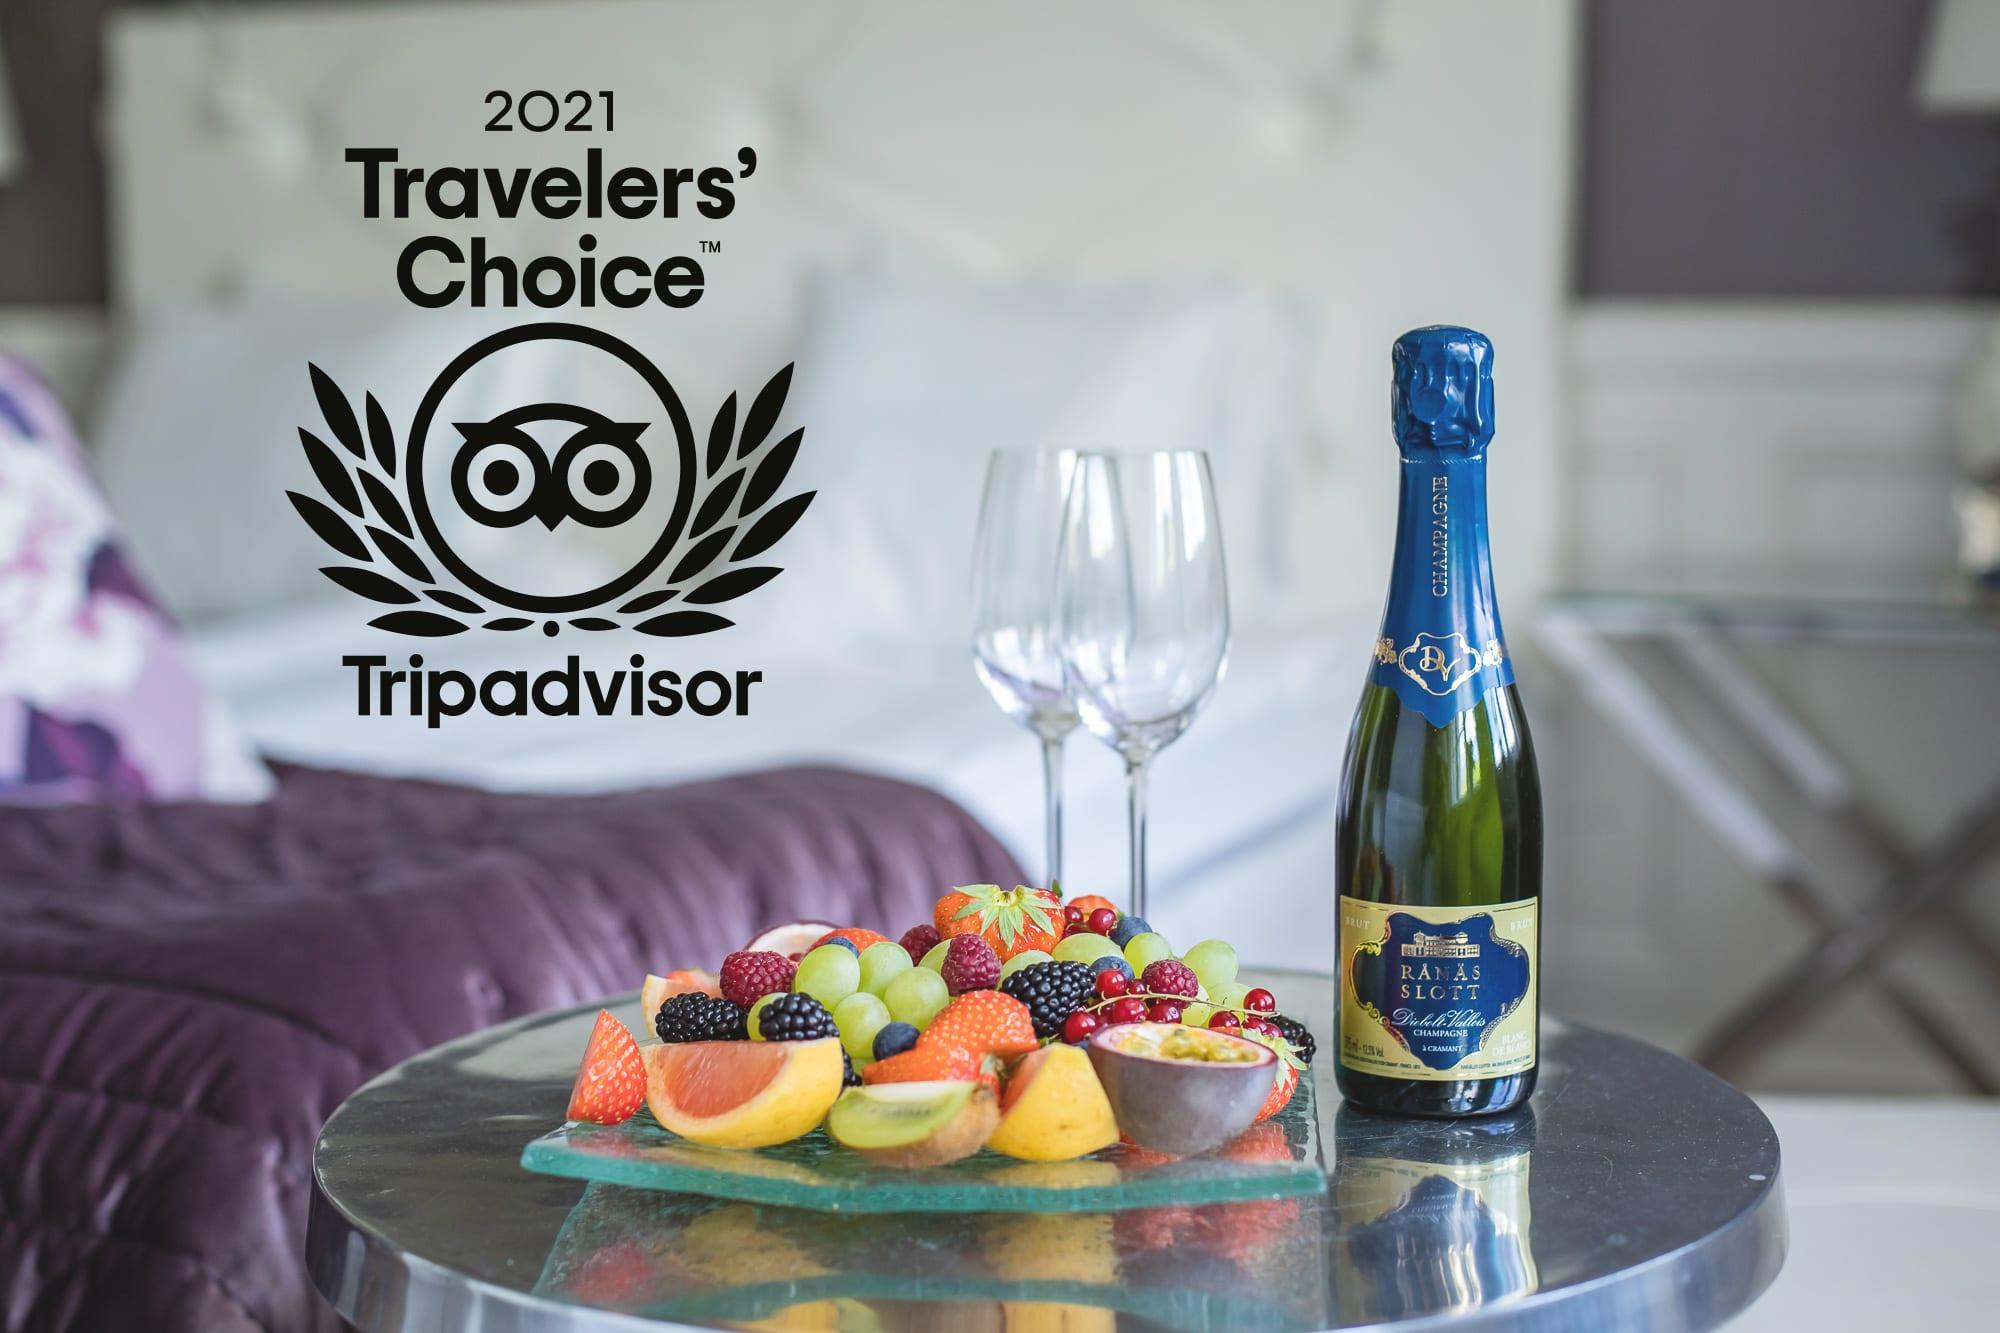 En flaska champagne och frukt samt logga Travelers choice